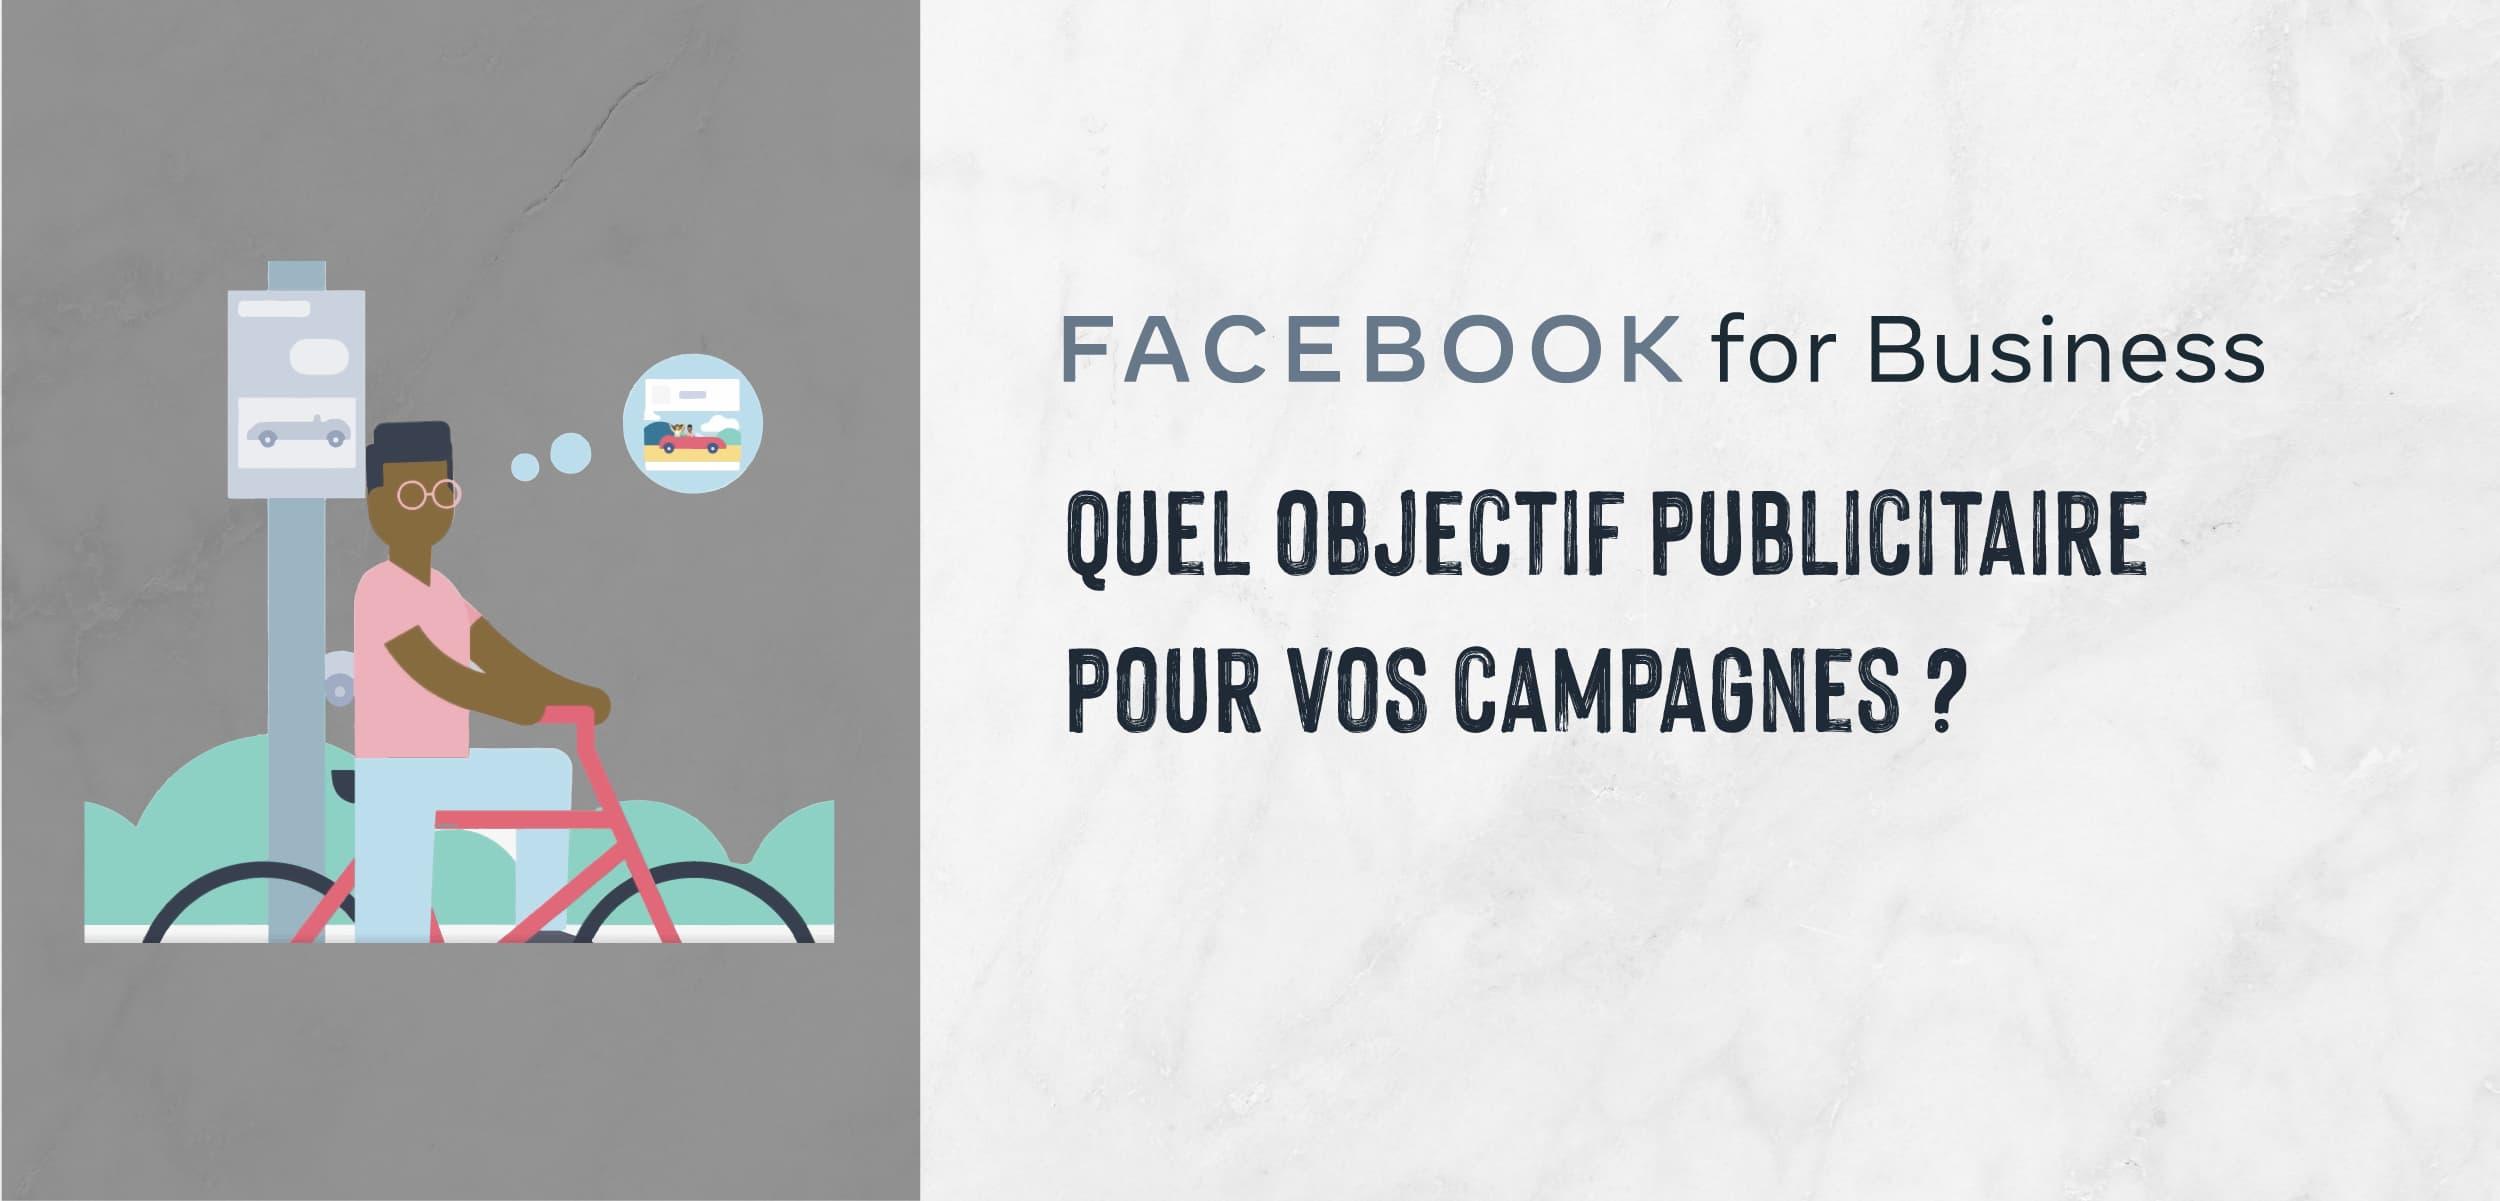 |Facebook Ads| Quel objectif publicitaire pour vos campagnes ?